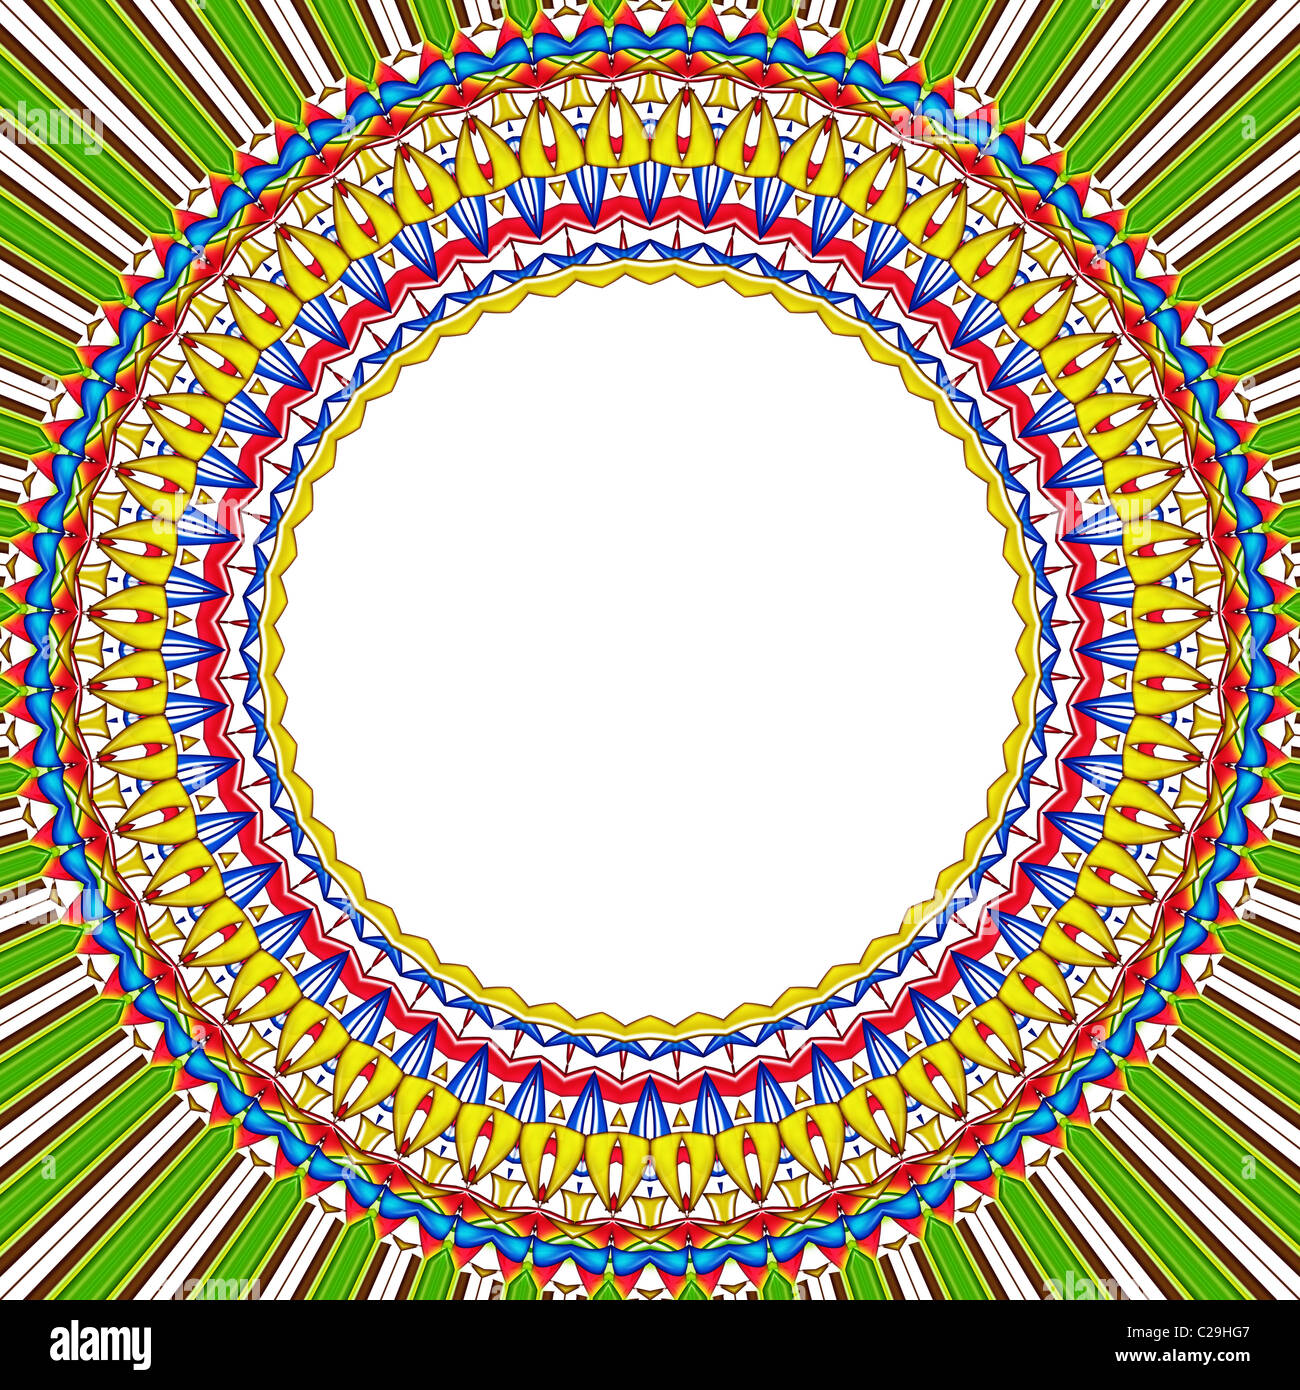 mandala sun round frame - Stock Image